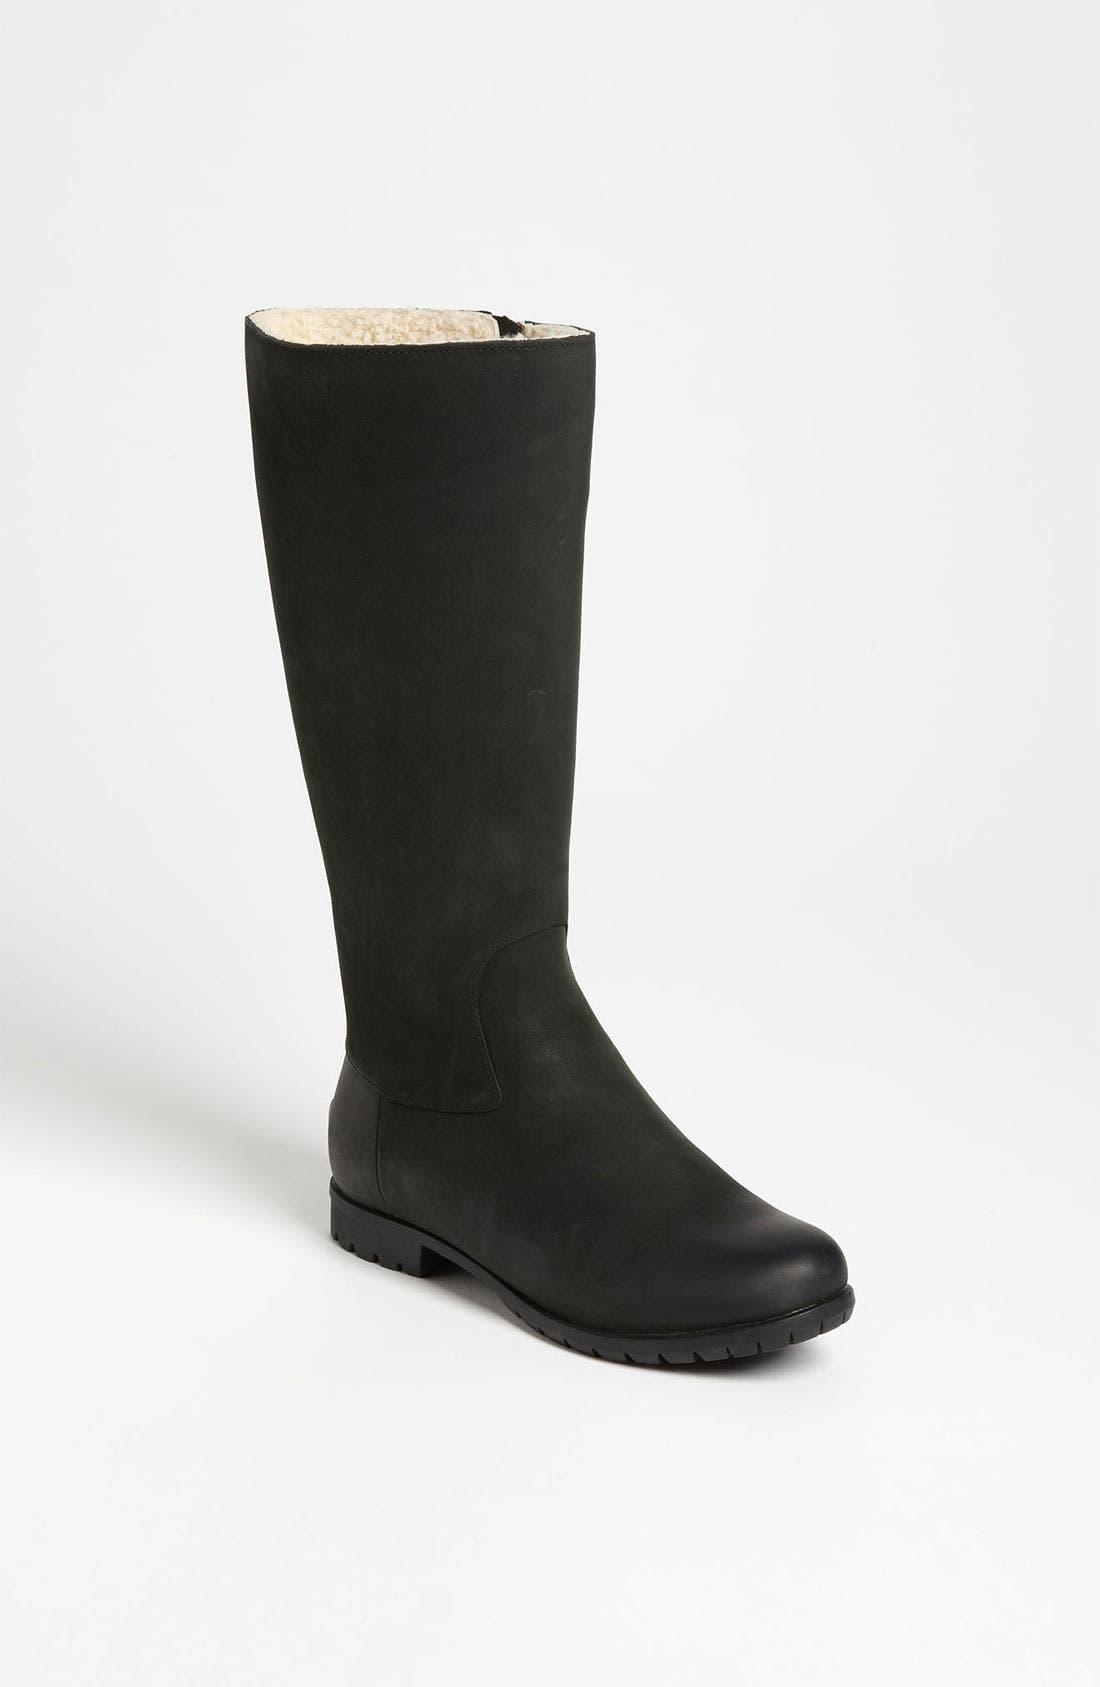 Main Image - UGG® Australia 'Broome II' Boot (Women)